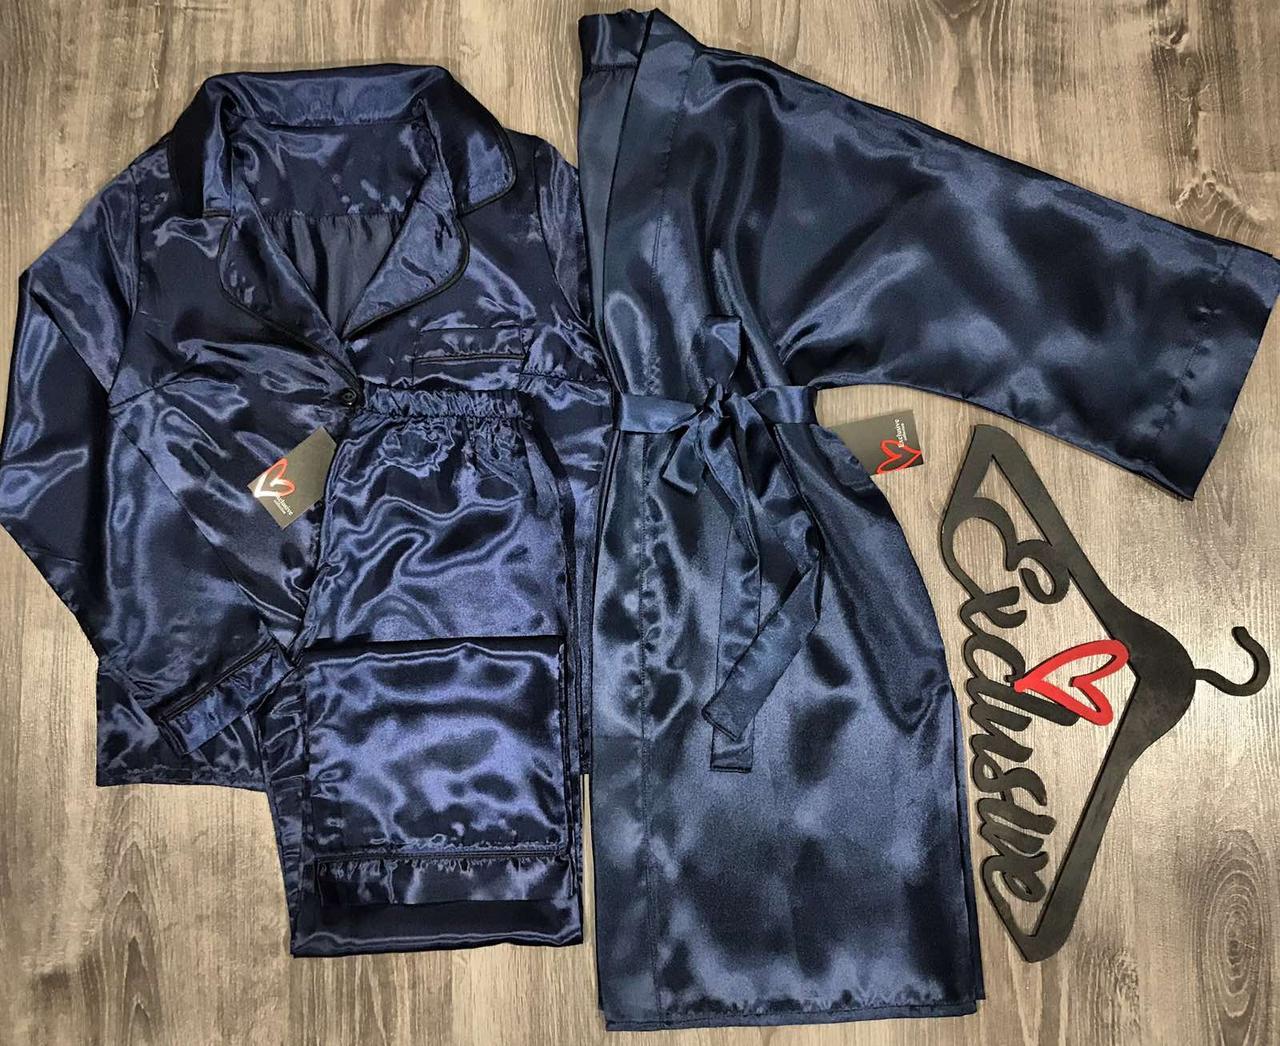 Атласний комплект трійка для сну і відпочинку. Халат сорочка штани.